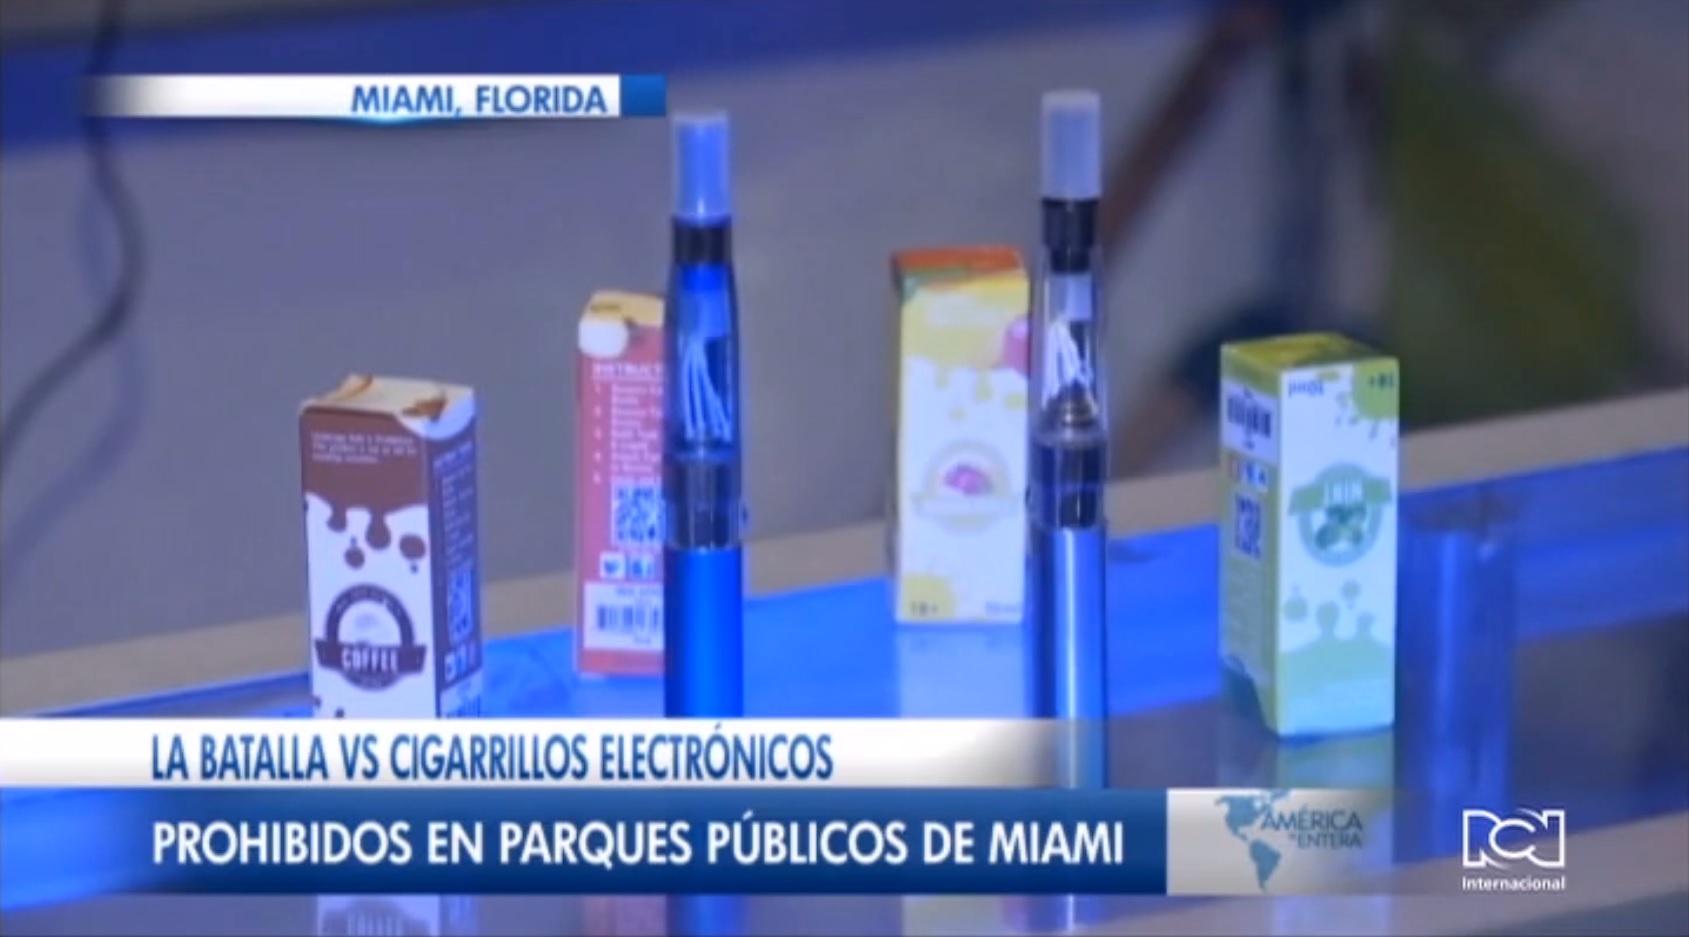 Miami Beach prohíbe el uso de cigarrillos electrónicos en parques públicos de la ciudad